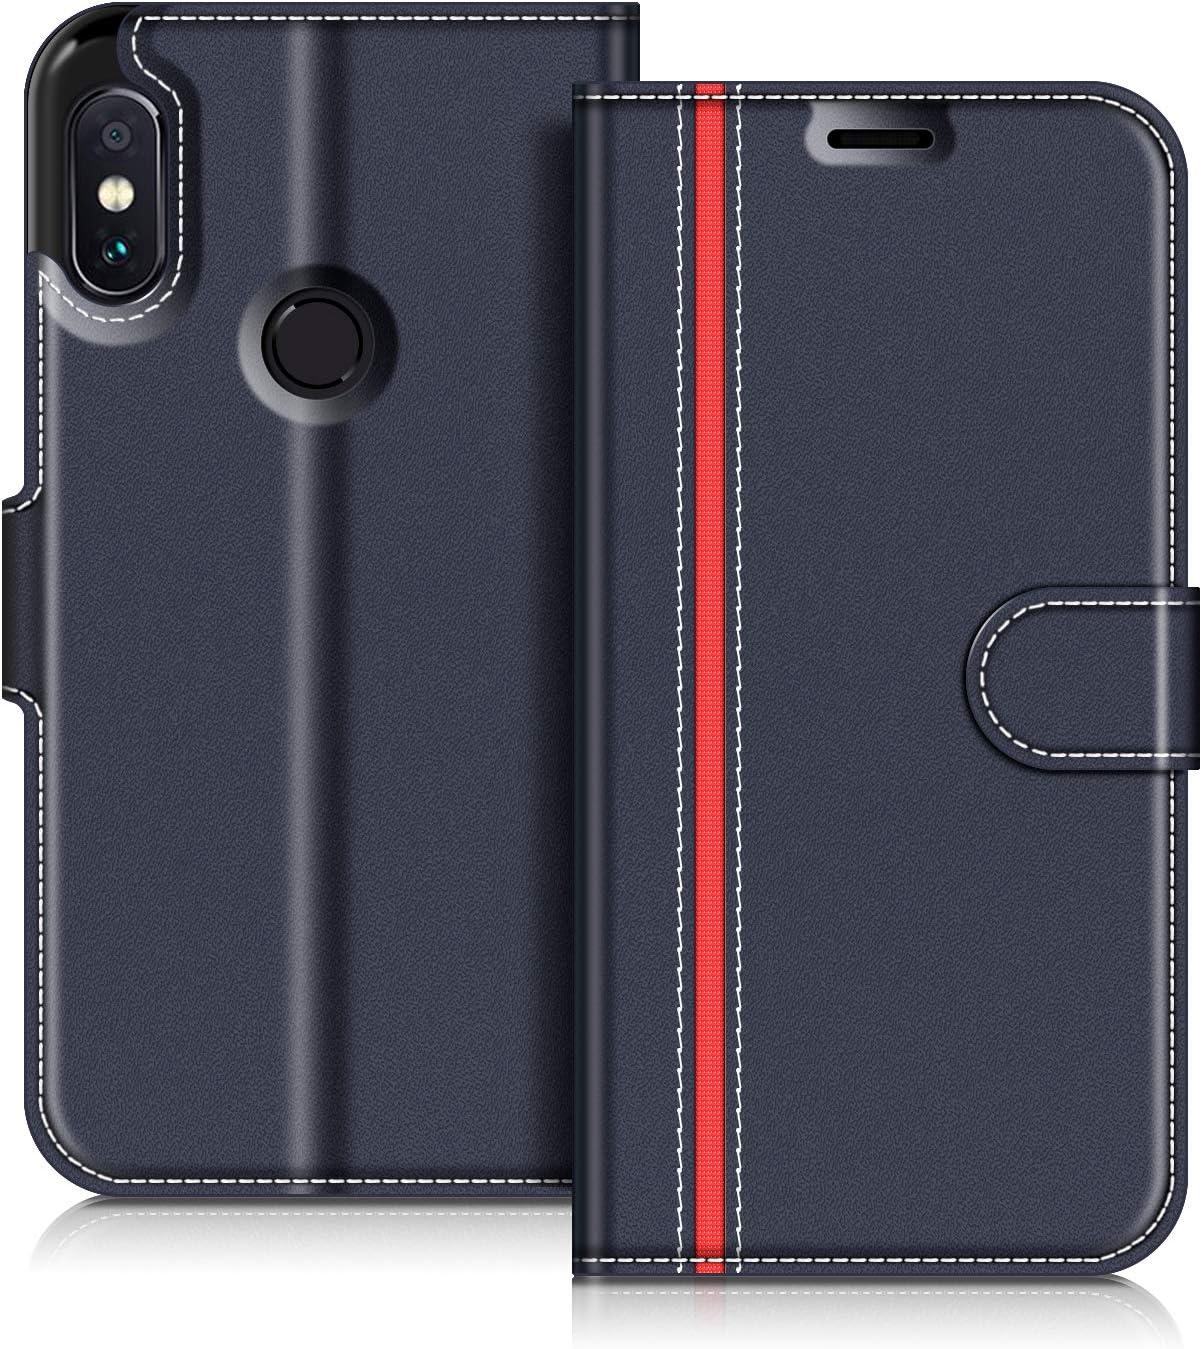 COODIO Funda Xiaomi Redmi Note 5 con Tapa, Funda Movil Xiaomi Redmi Note 5, Funda Libro Xiaomi Note 5 Carcasa Magnético Funda para Xiaomi Redmi Note 5, Azul Oscuro/Rojo